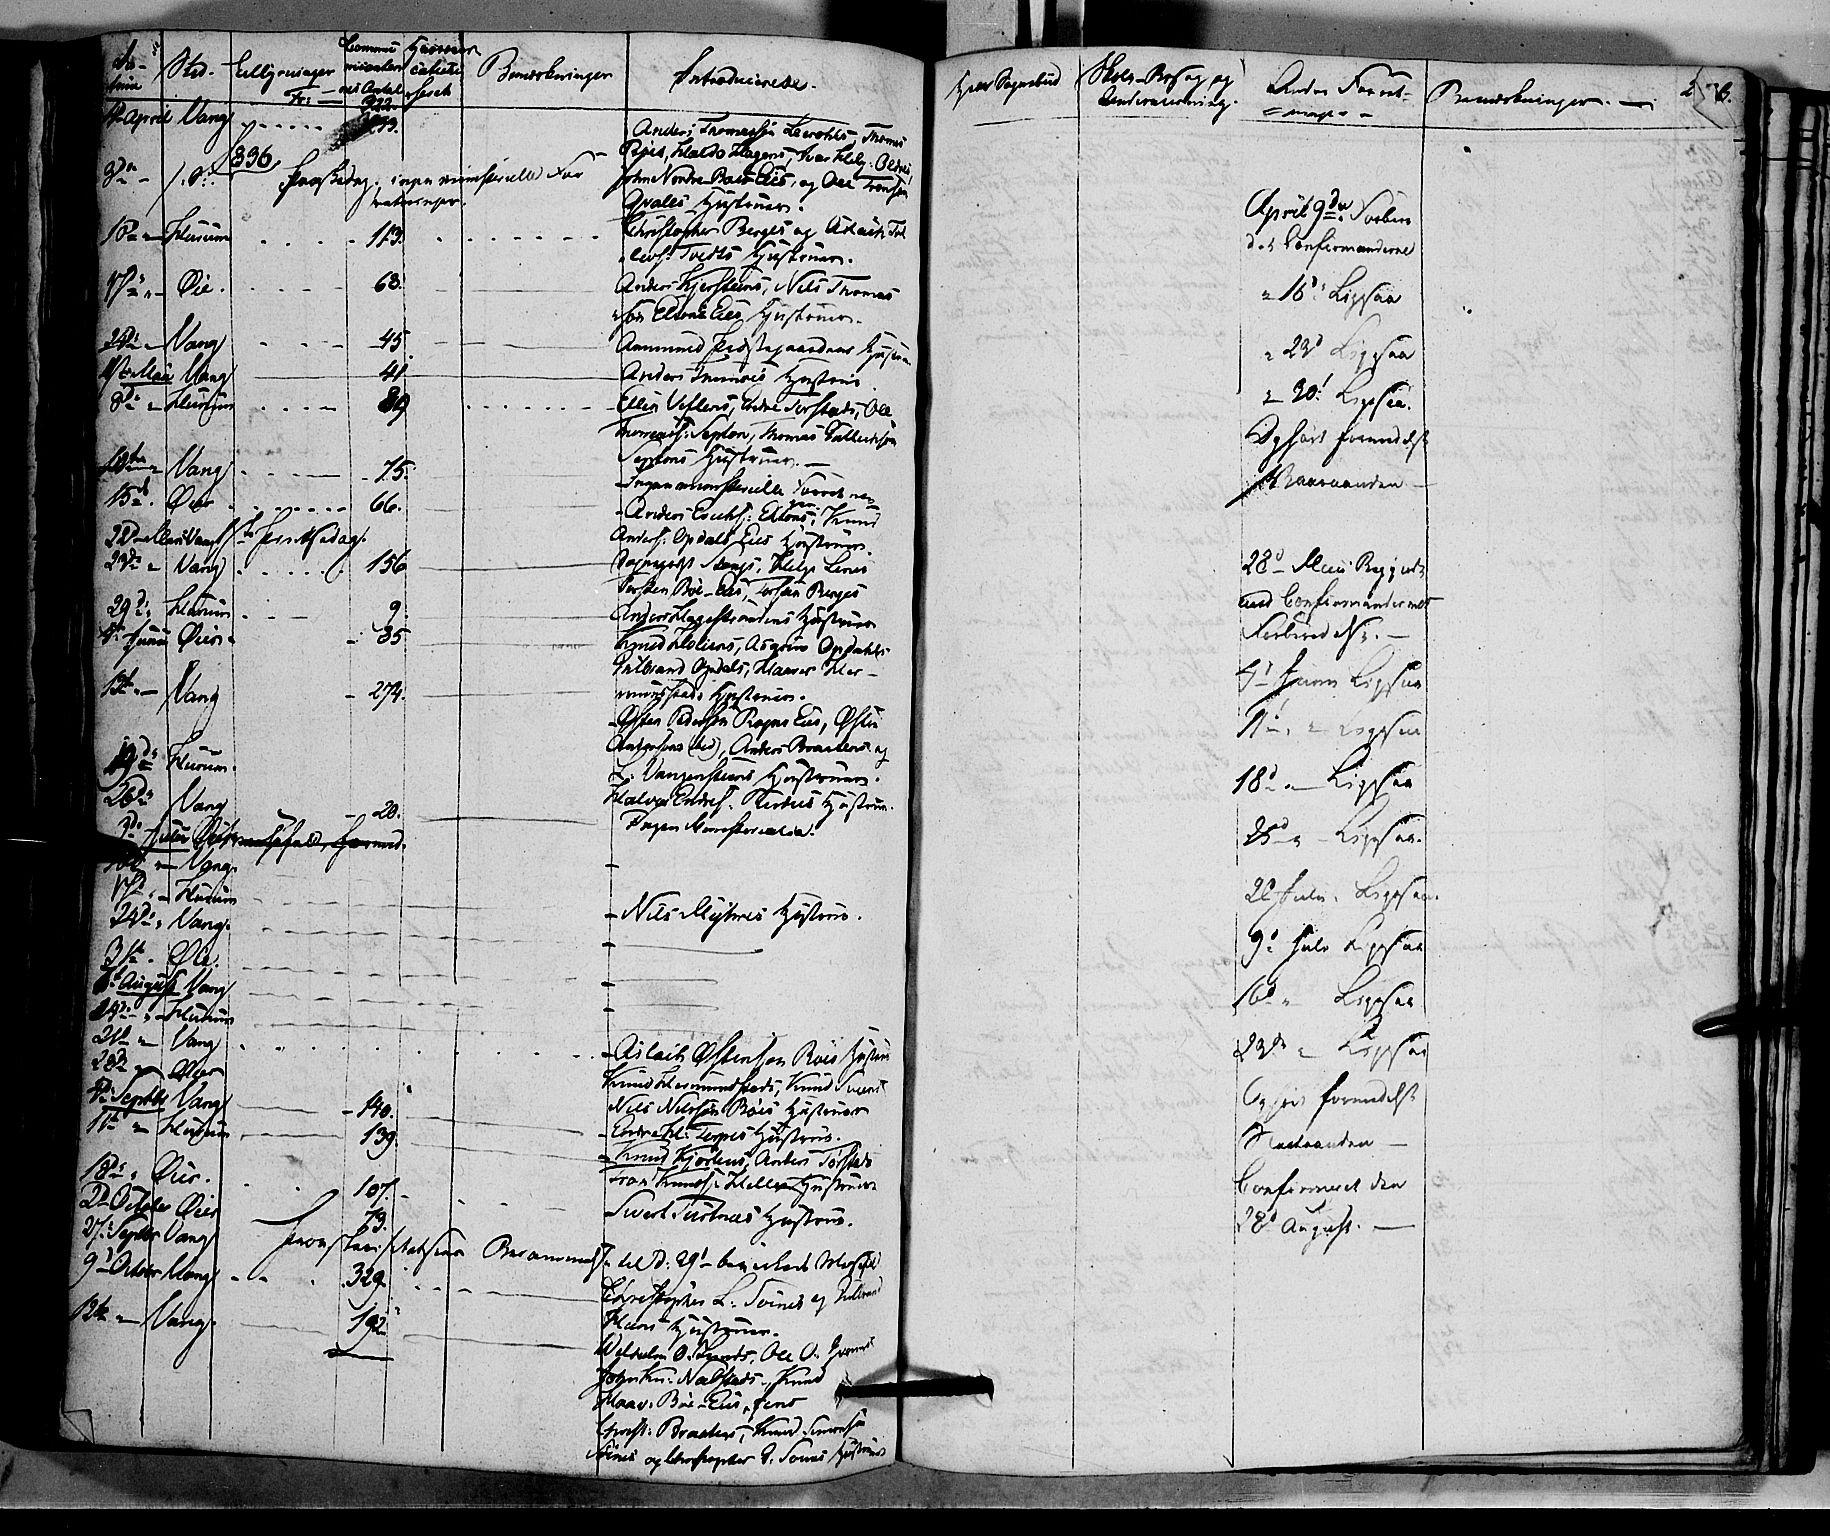 SAH, Vang prestekontor, Valdres, Ministerialbok nr. 5, 1831-1845, s. 225